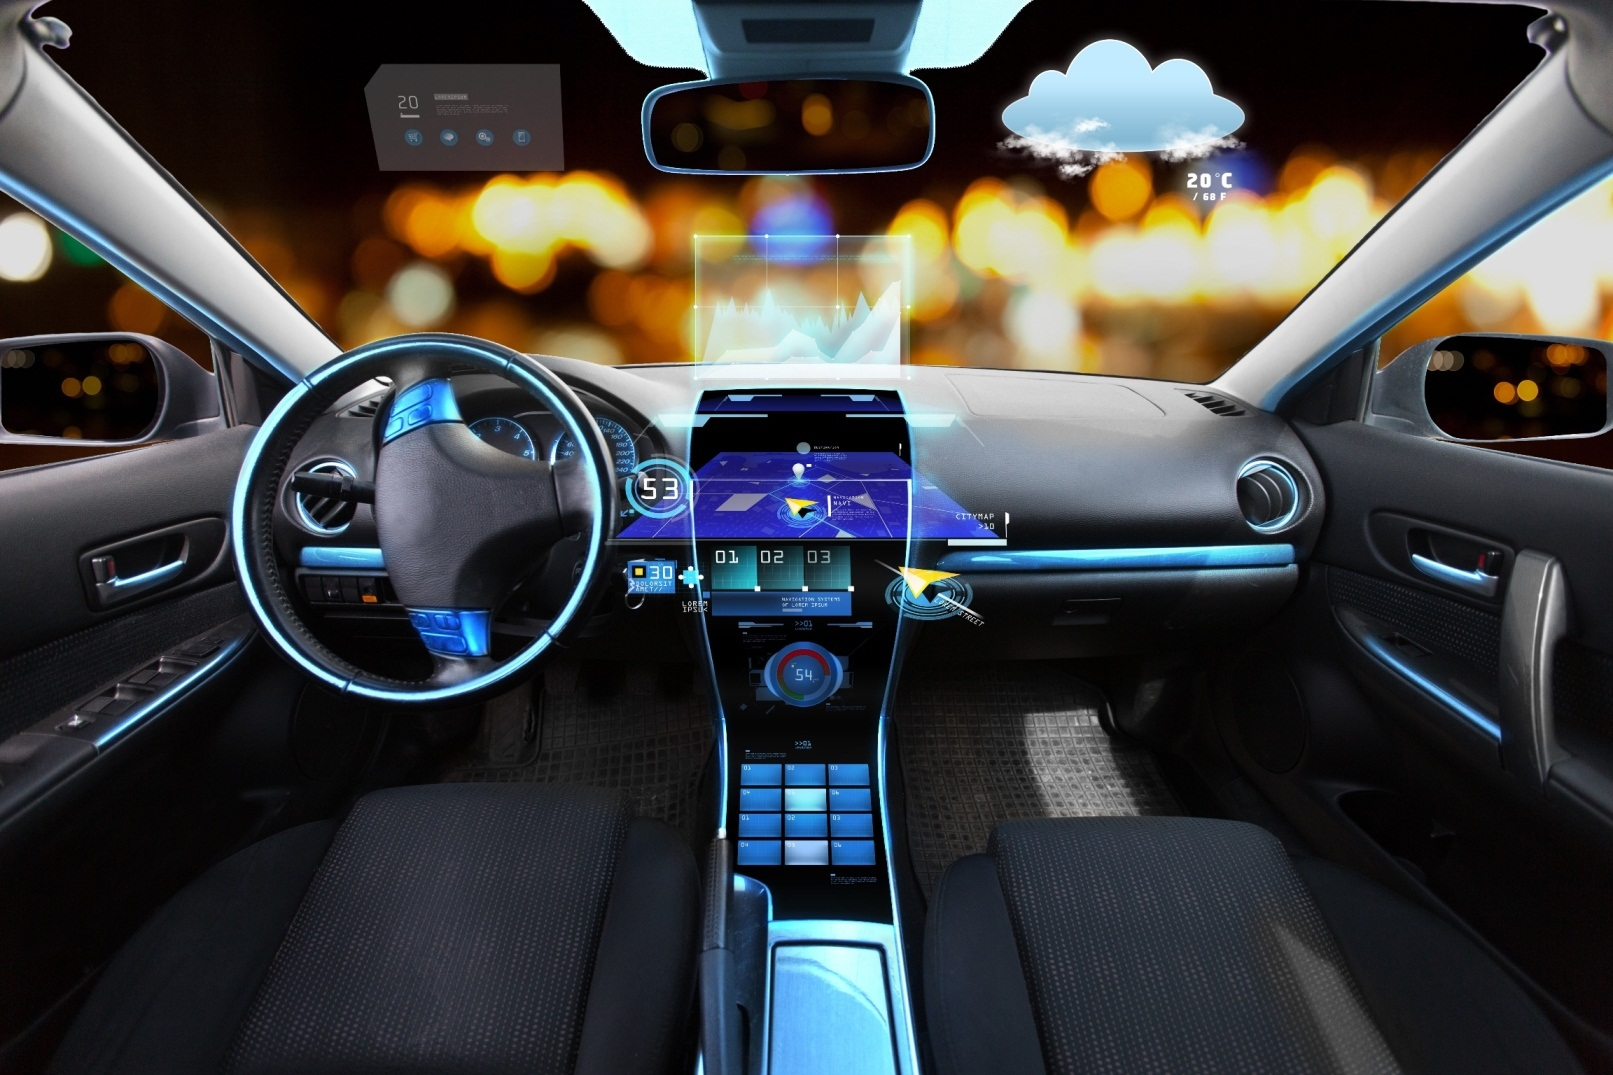 汽车的挡风玻璃上,将仪表板上的信息显示出来——包括速度